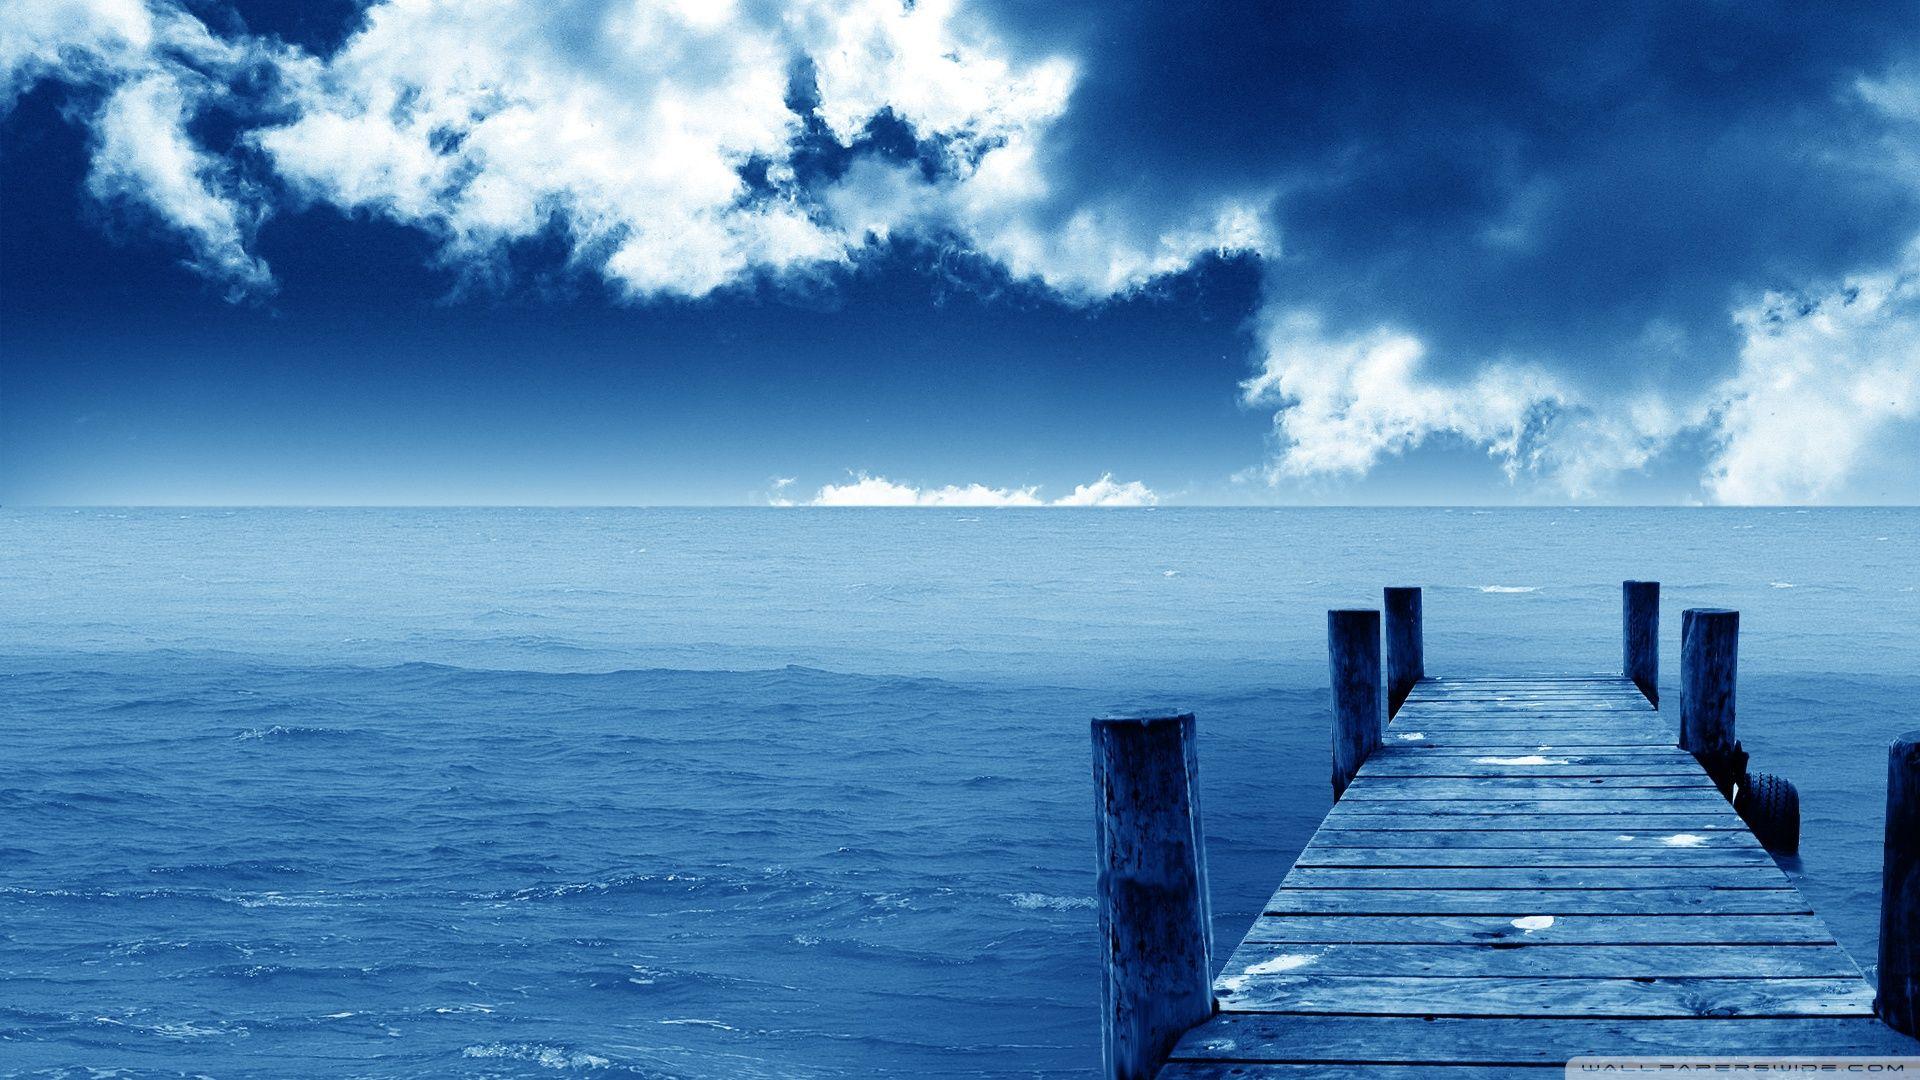 Blue Nature Beach HD Wallpaper[1920x1080]  Ocean wallpaper